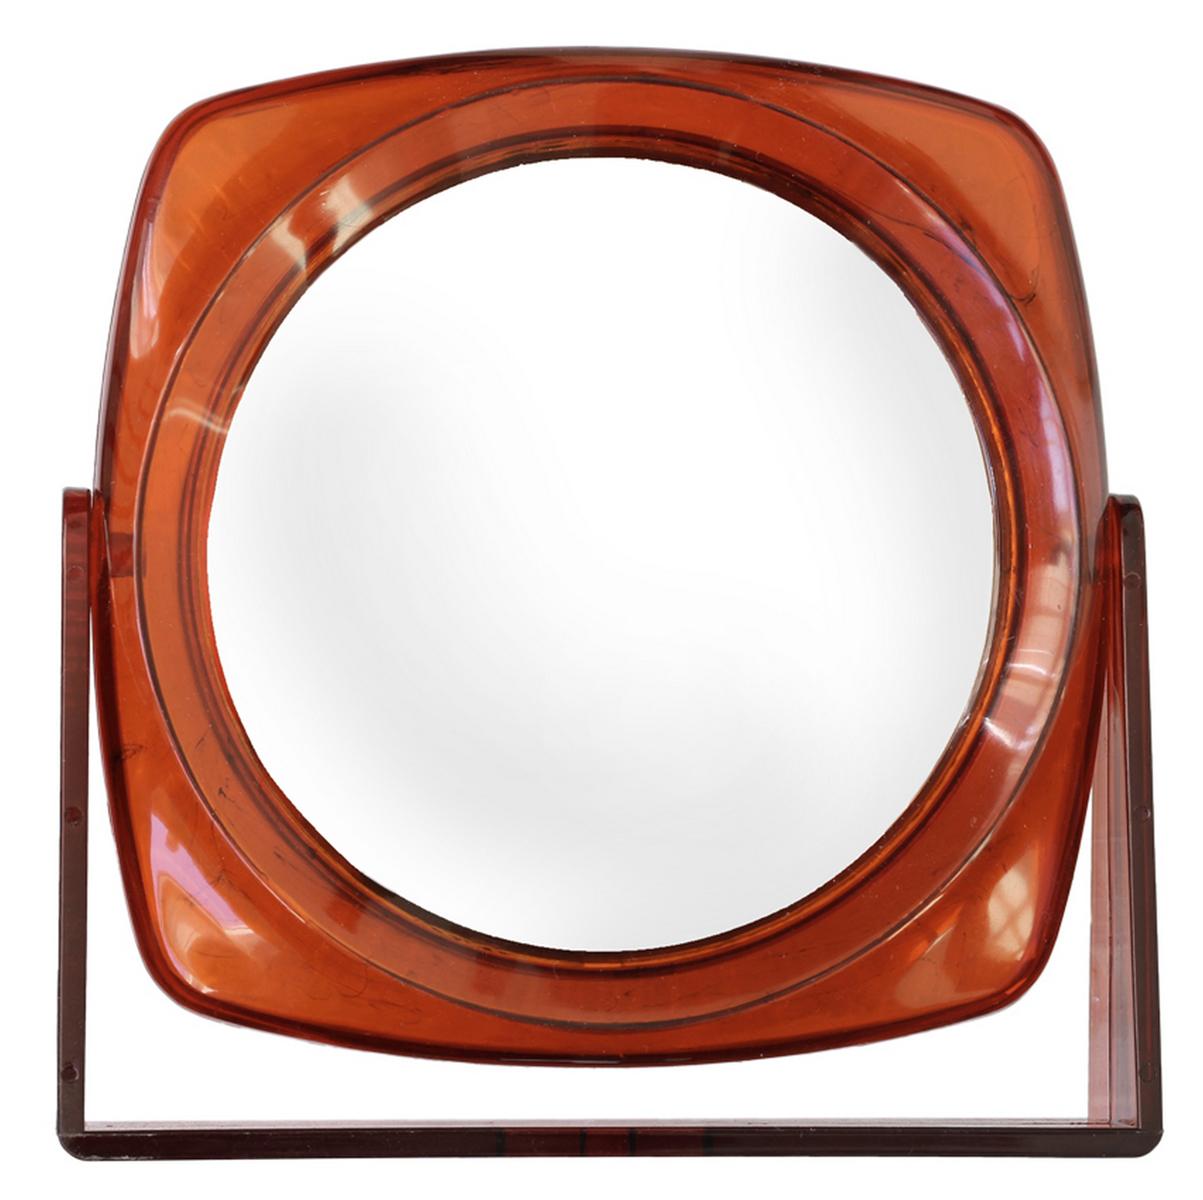 Silva Зеркало настольное, круглое, цвет: коричневый